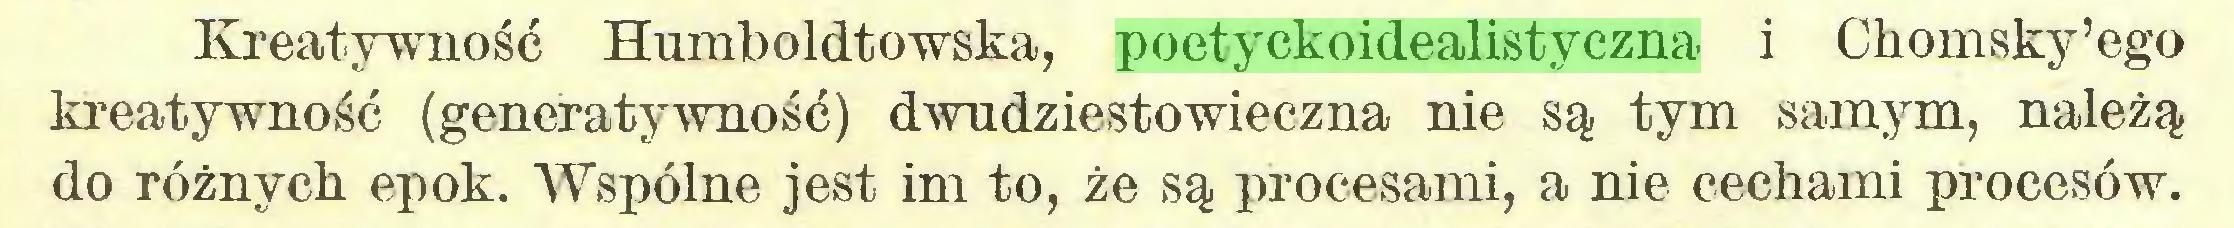 (...) Kreatywność Humboldtowska, poetyckoidealistyczna i Chomsky'ego kreatywność (generatywność) dwudziestowieczna nie są tym samym, należą do różnych epok. Wspólne jest im to, że są procesami, a nie cechami procesów...